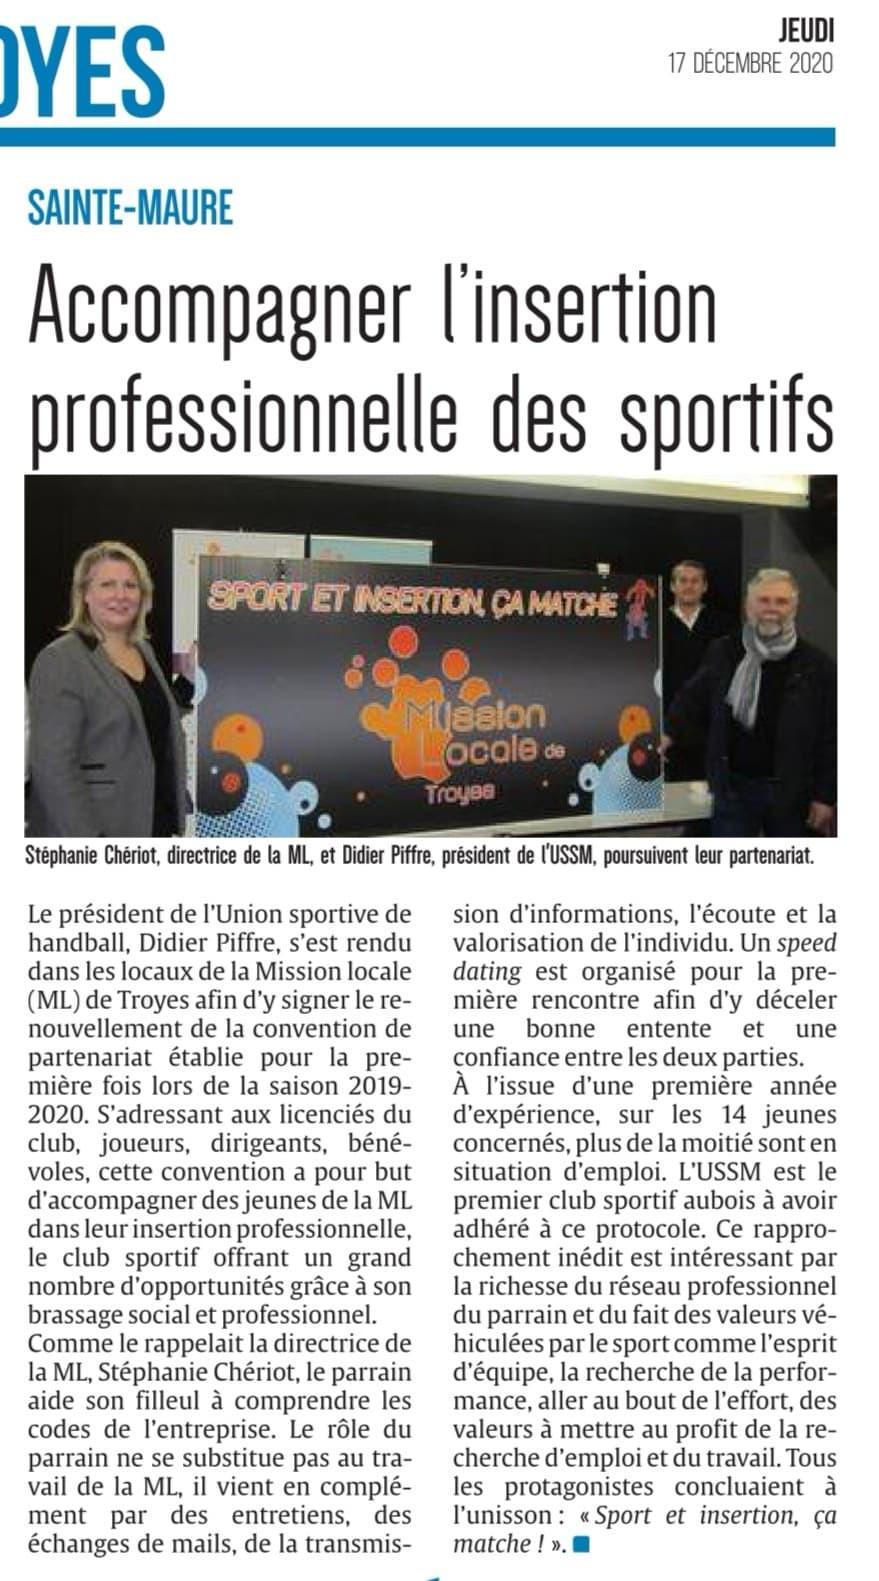 Renouvellement du partenariat US Sainte-Maure Handball Masculin - Mission locale de Troyes